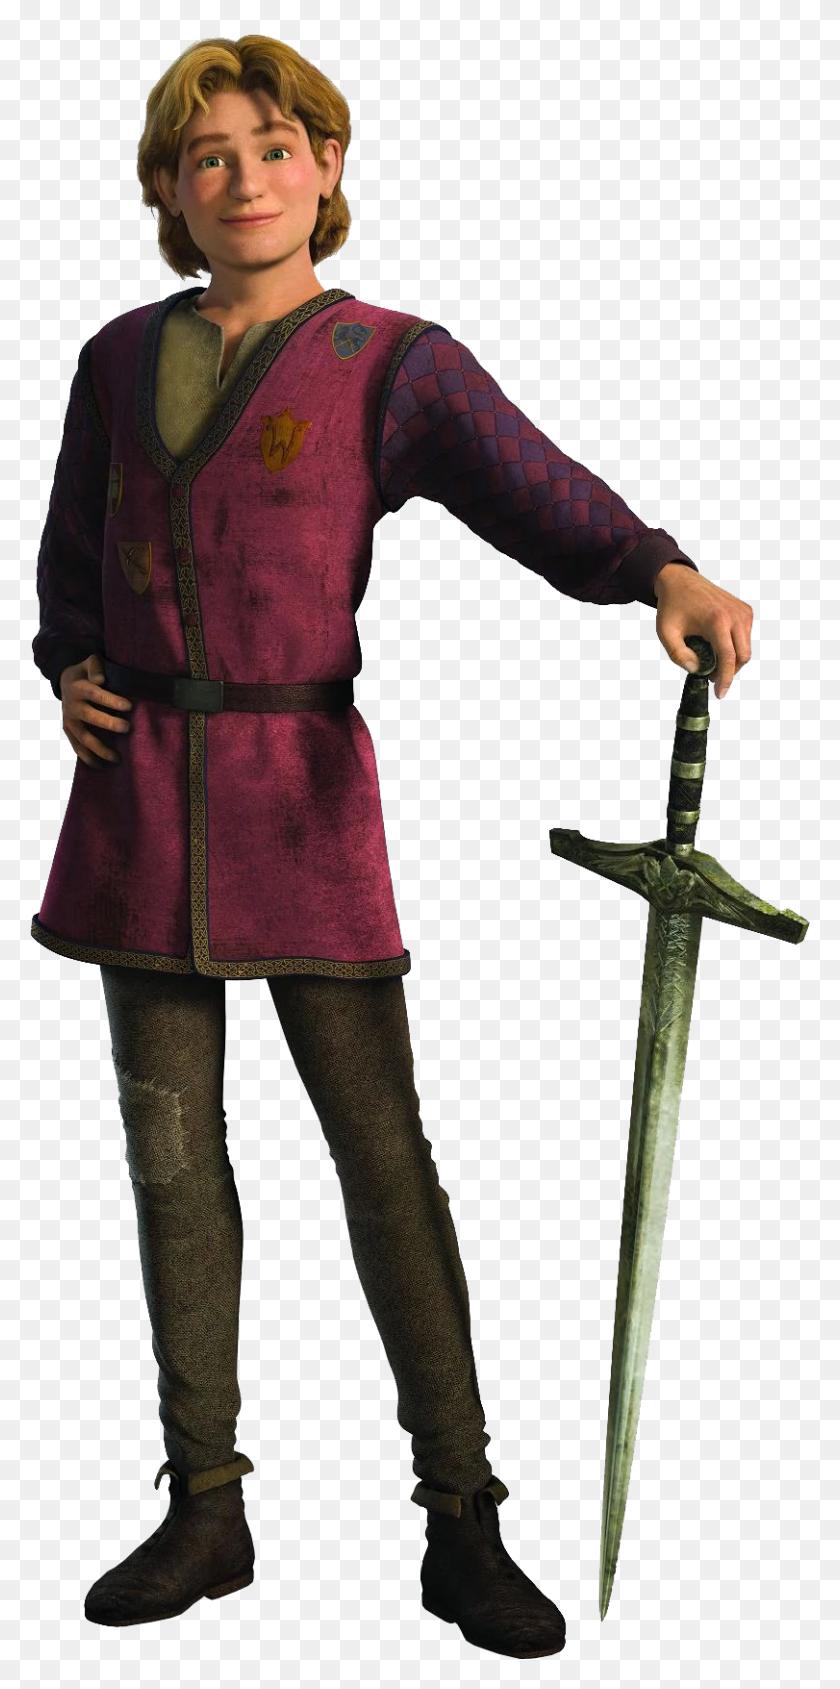 811x1694 Arthur Pendragon Wikishrek Fandom Powered - Lord Farquaad PNG